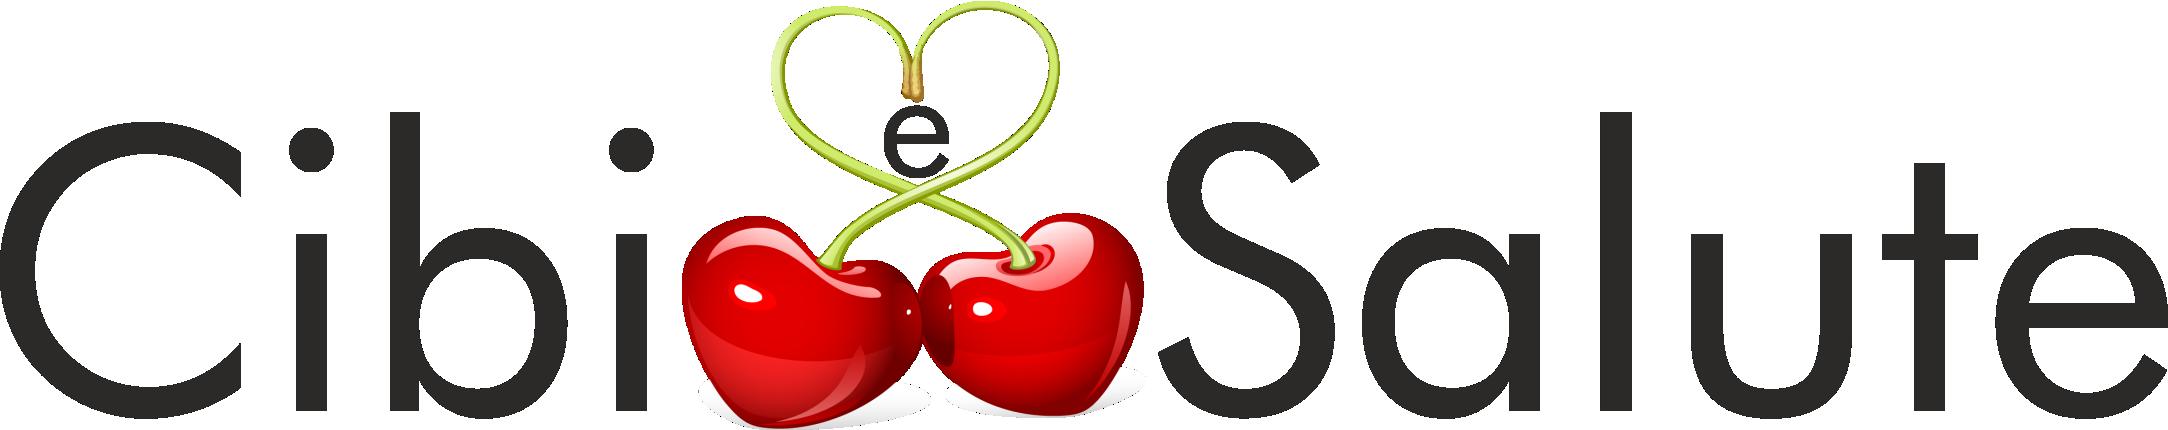 È il cibo un sostituto dell'amore? No, l'amore è un sostituto del cibo. E un magnifico povero sostituto.